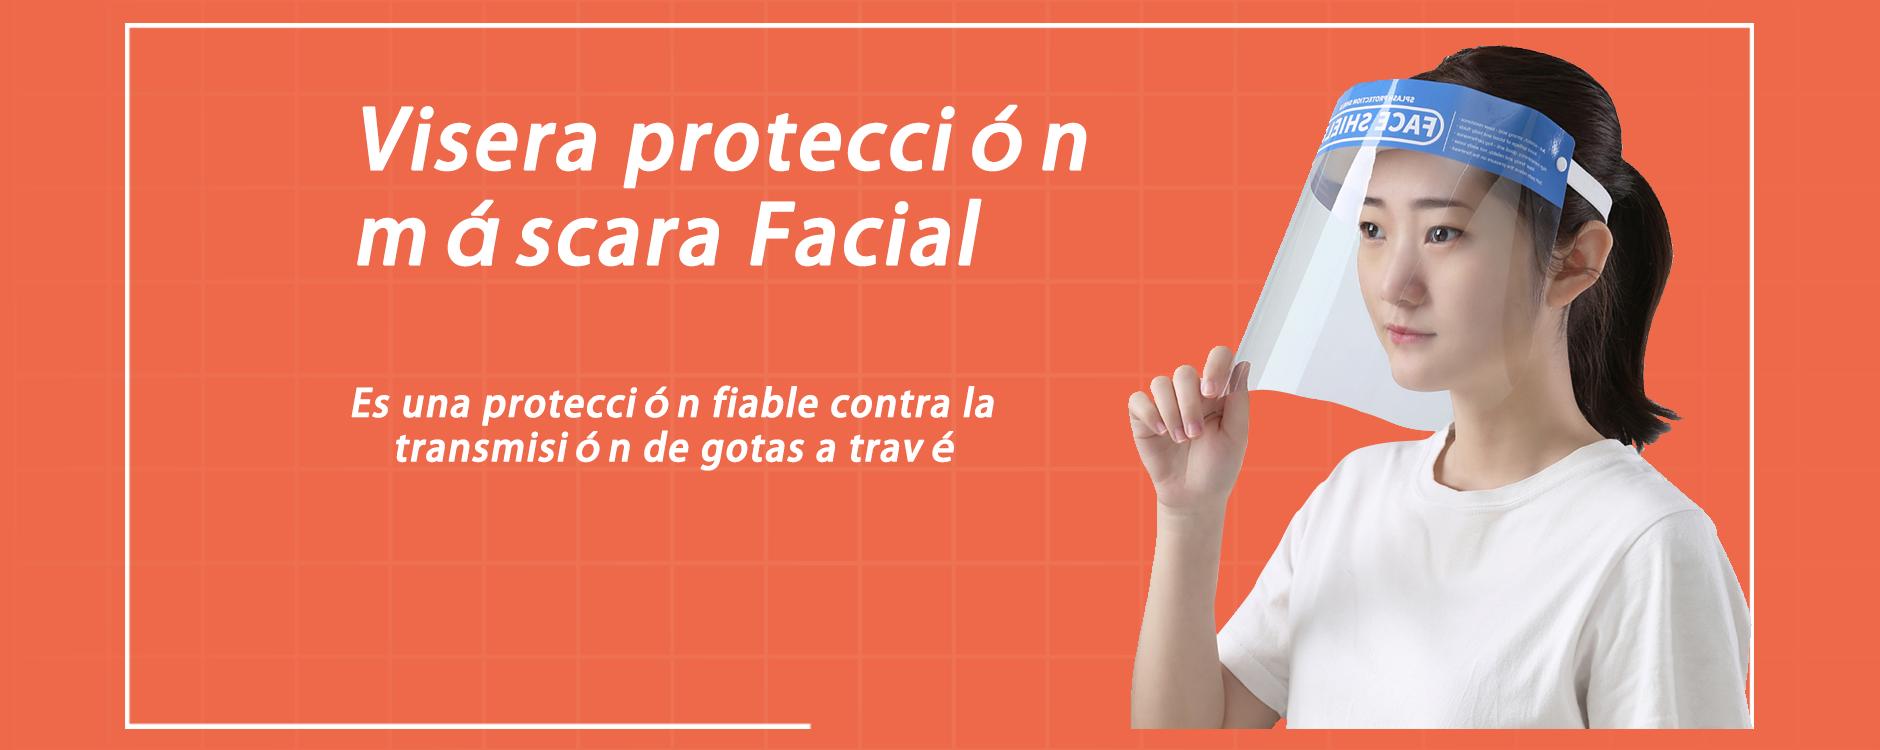 https://www.compradomicilio.shop/Mascarilla-c96052.html